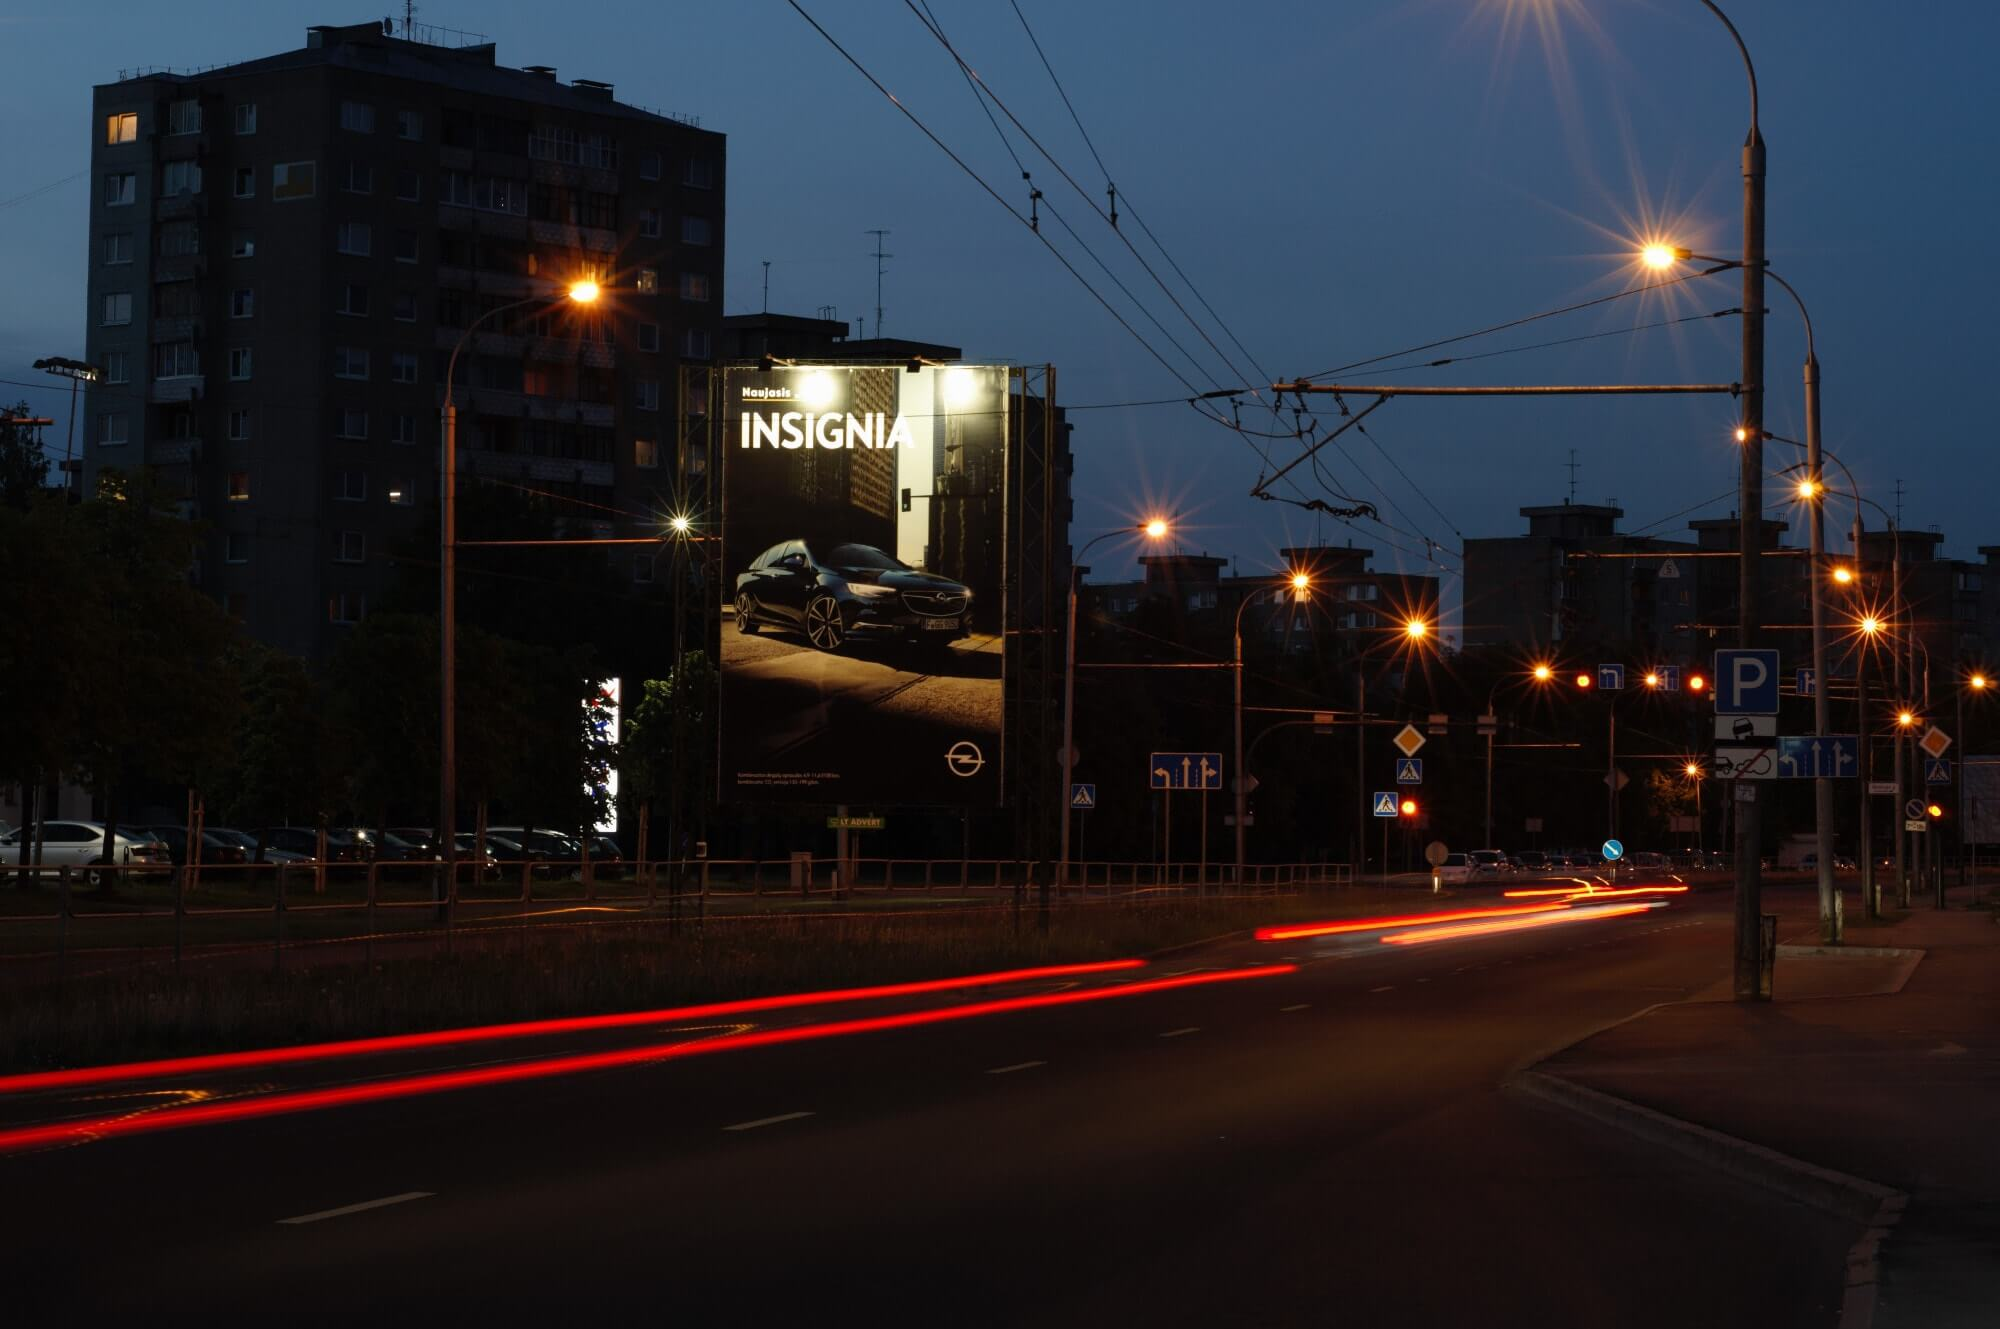 LT ADVERT Opel Insignia nauja reklama